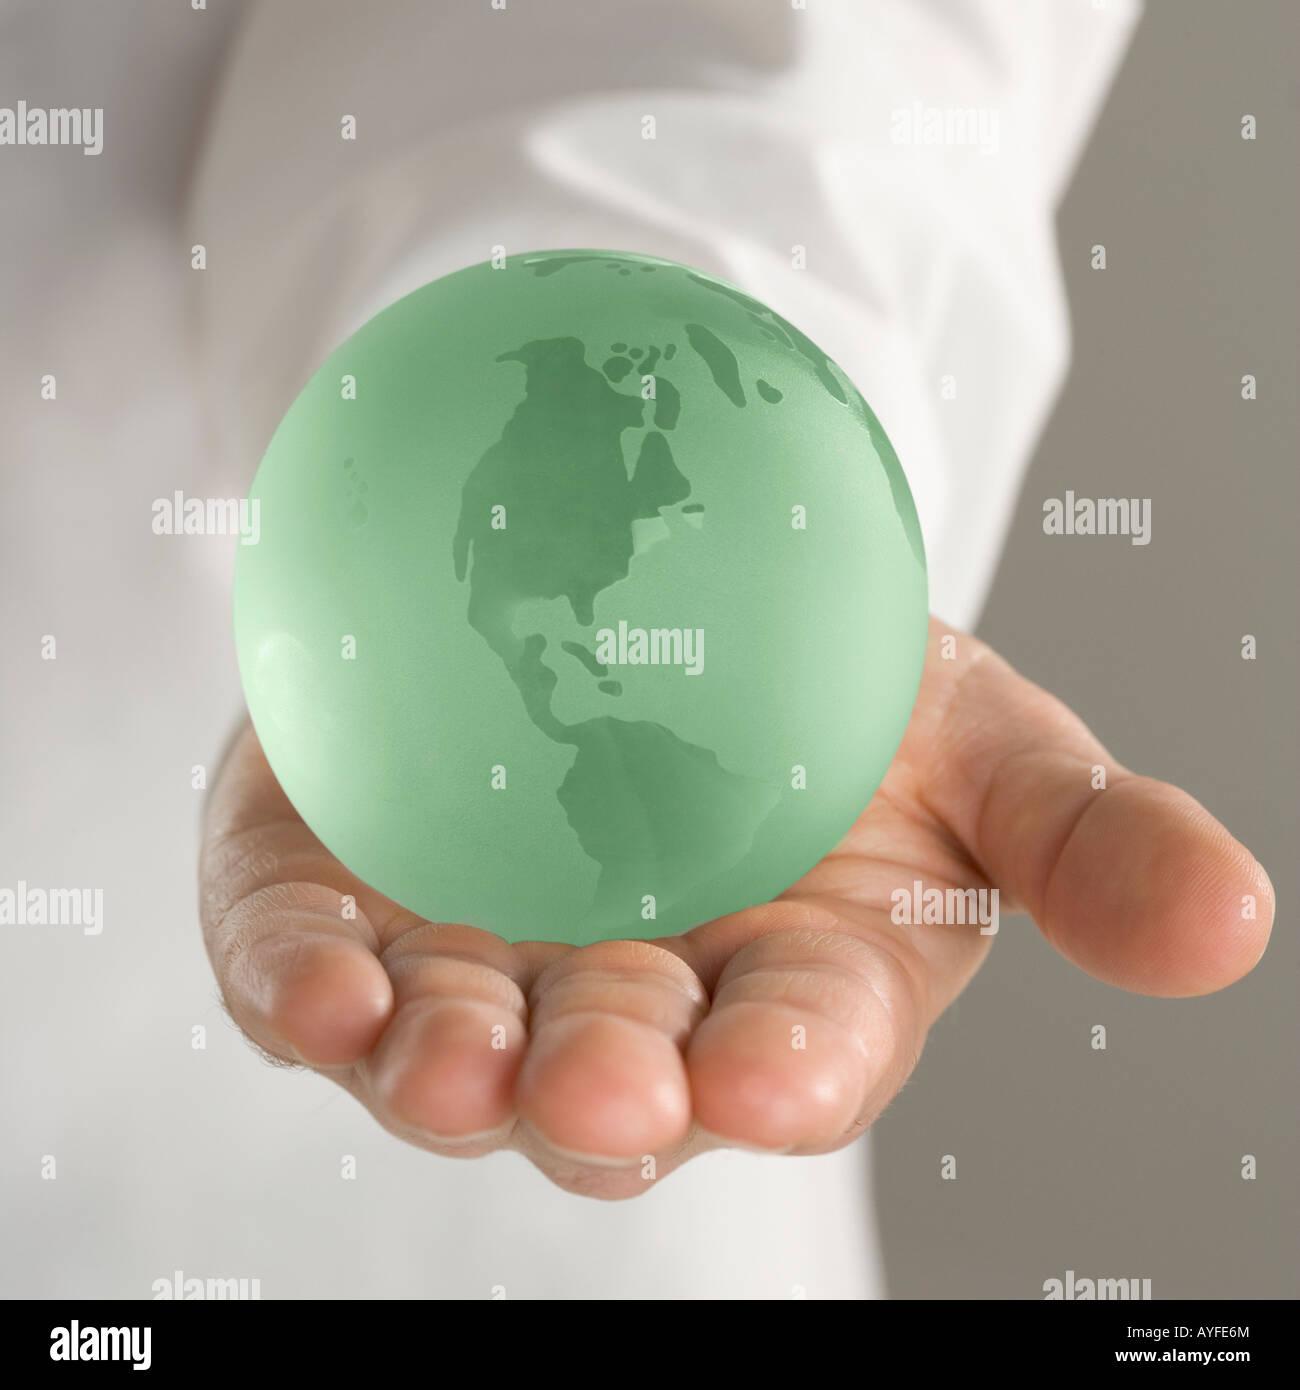 Hand holding globe - Stock Image